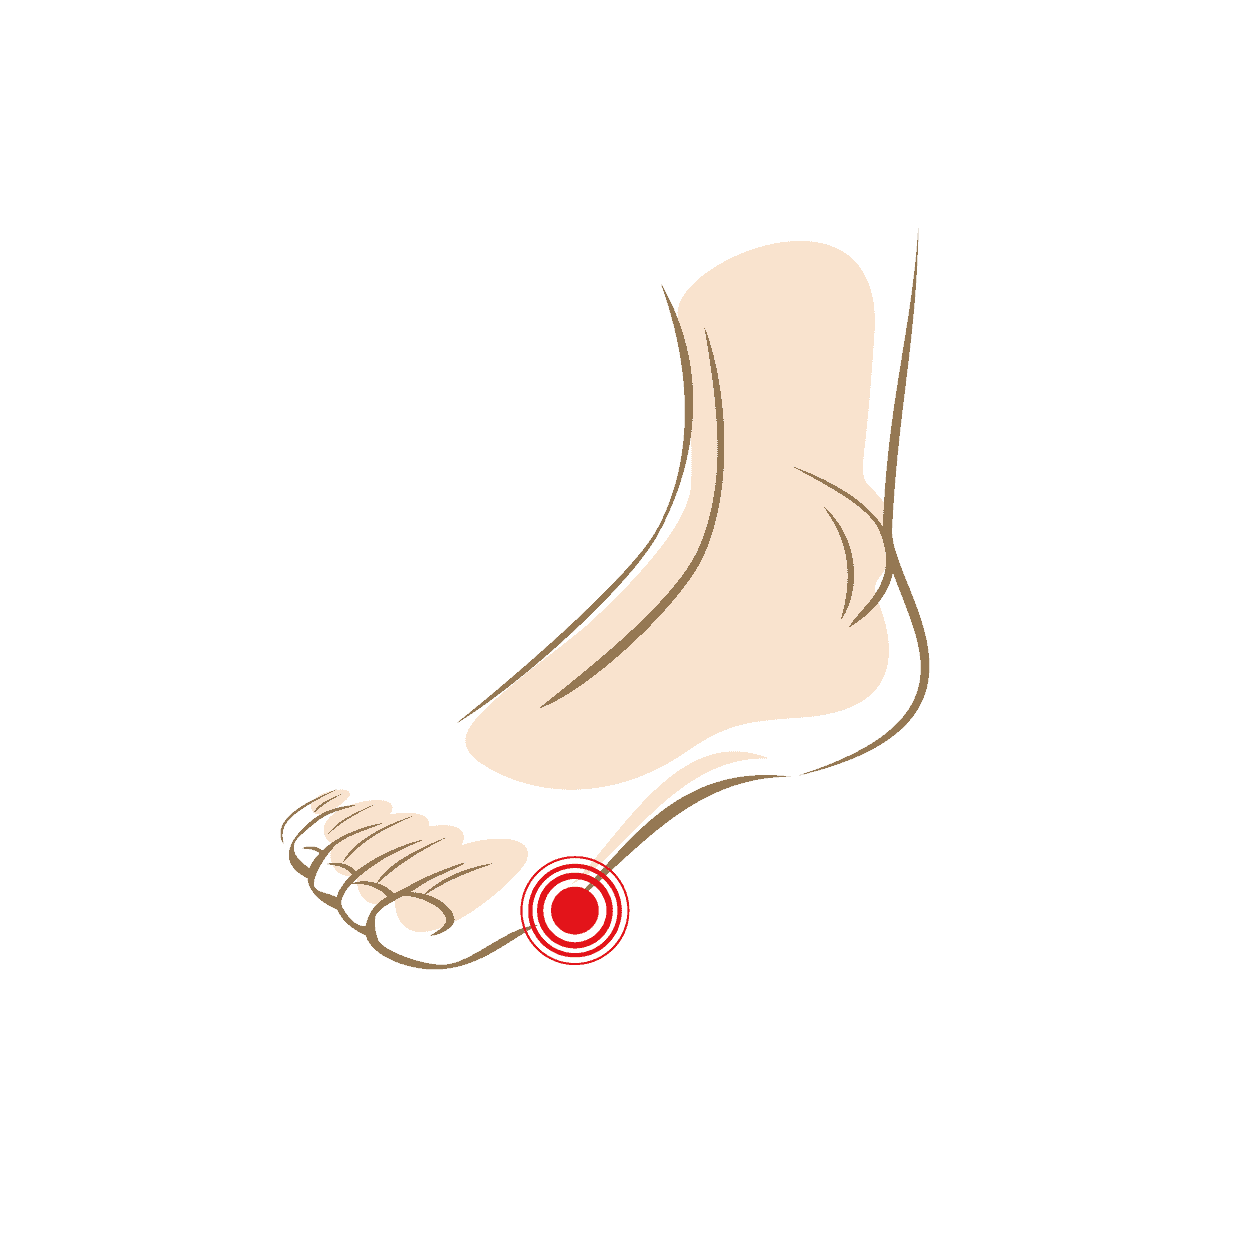 pijn onder voet achter tenen